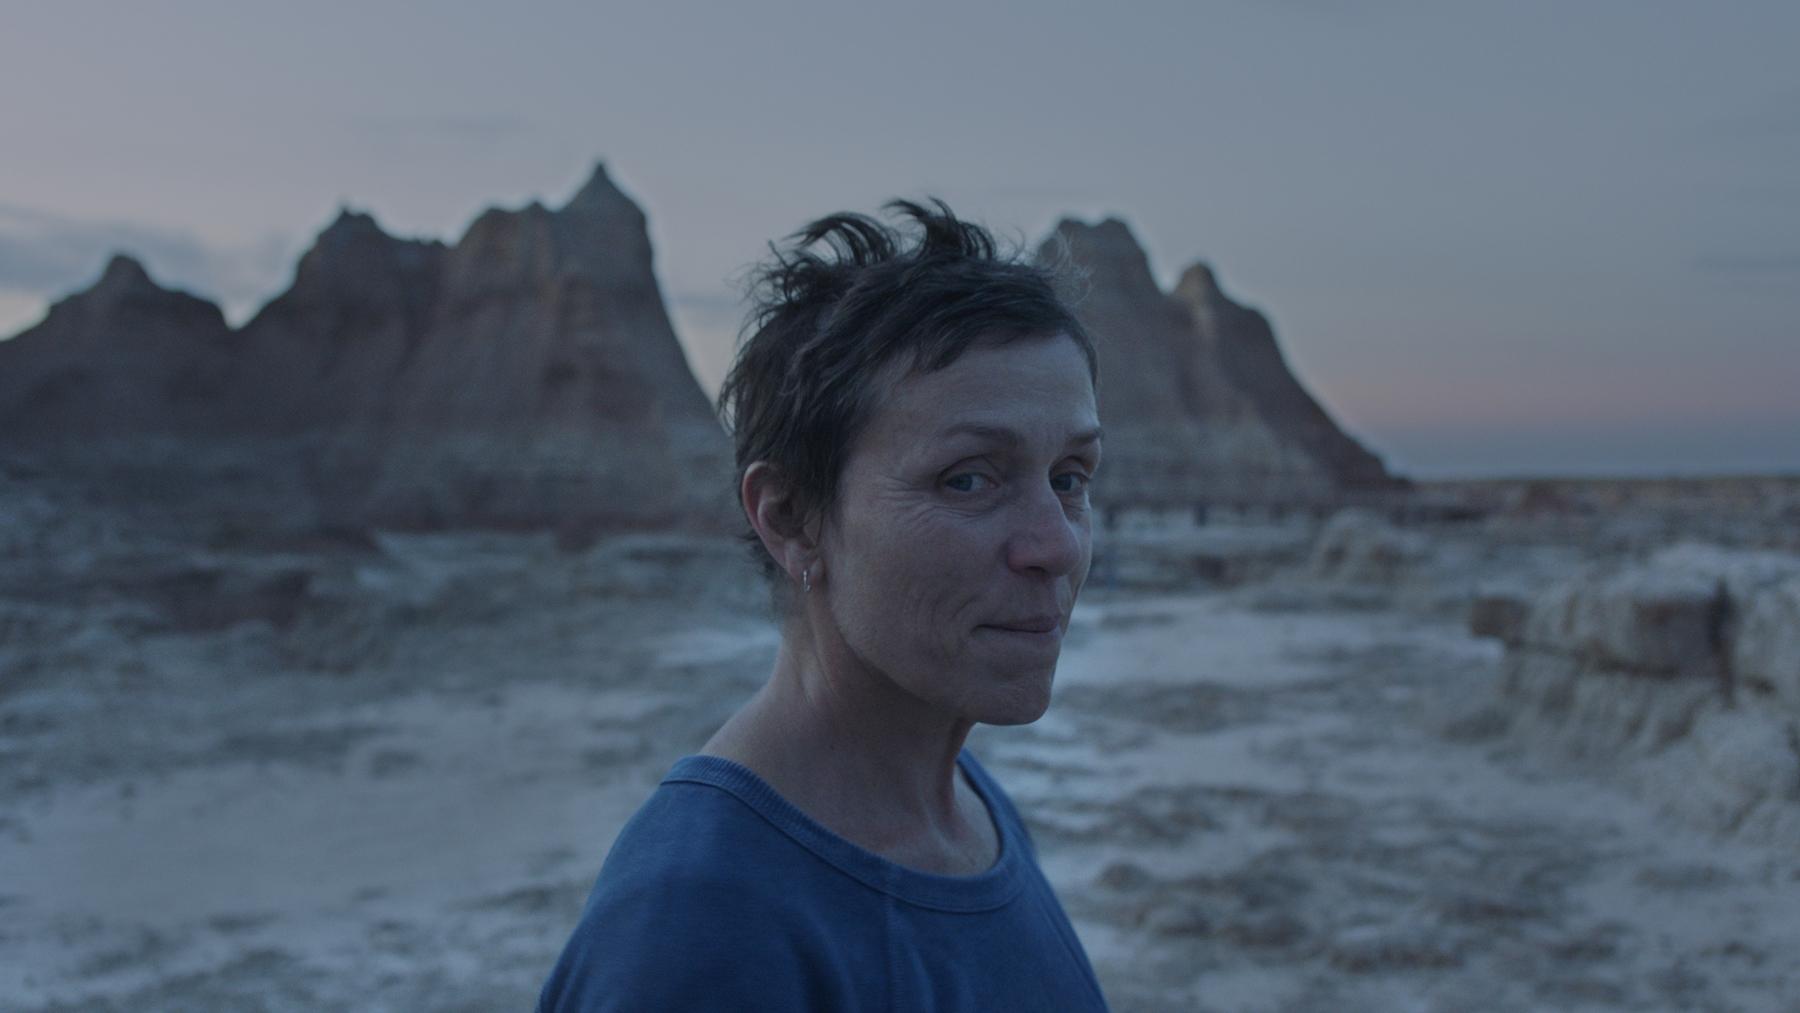 2021 docu-fiction film Nomadland was partly filmed in the Badlands National Park, South Dakota